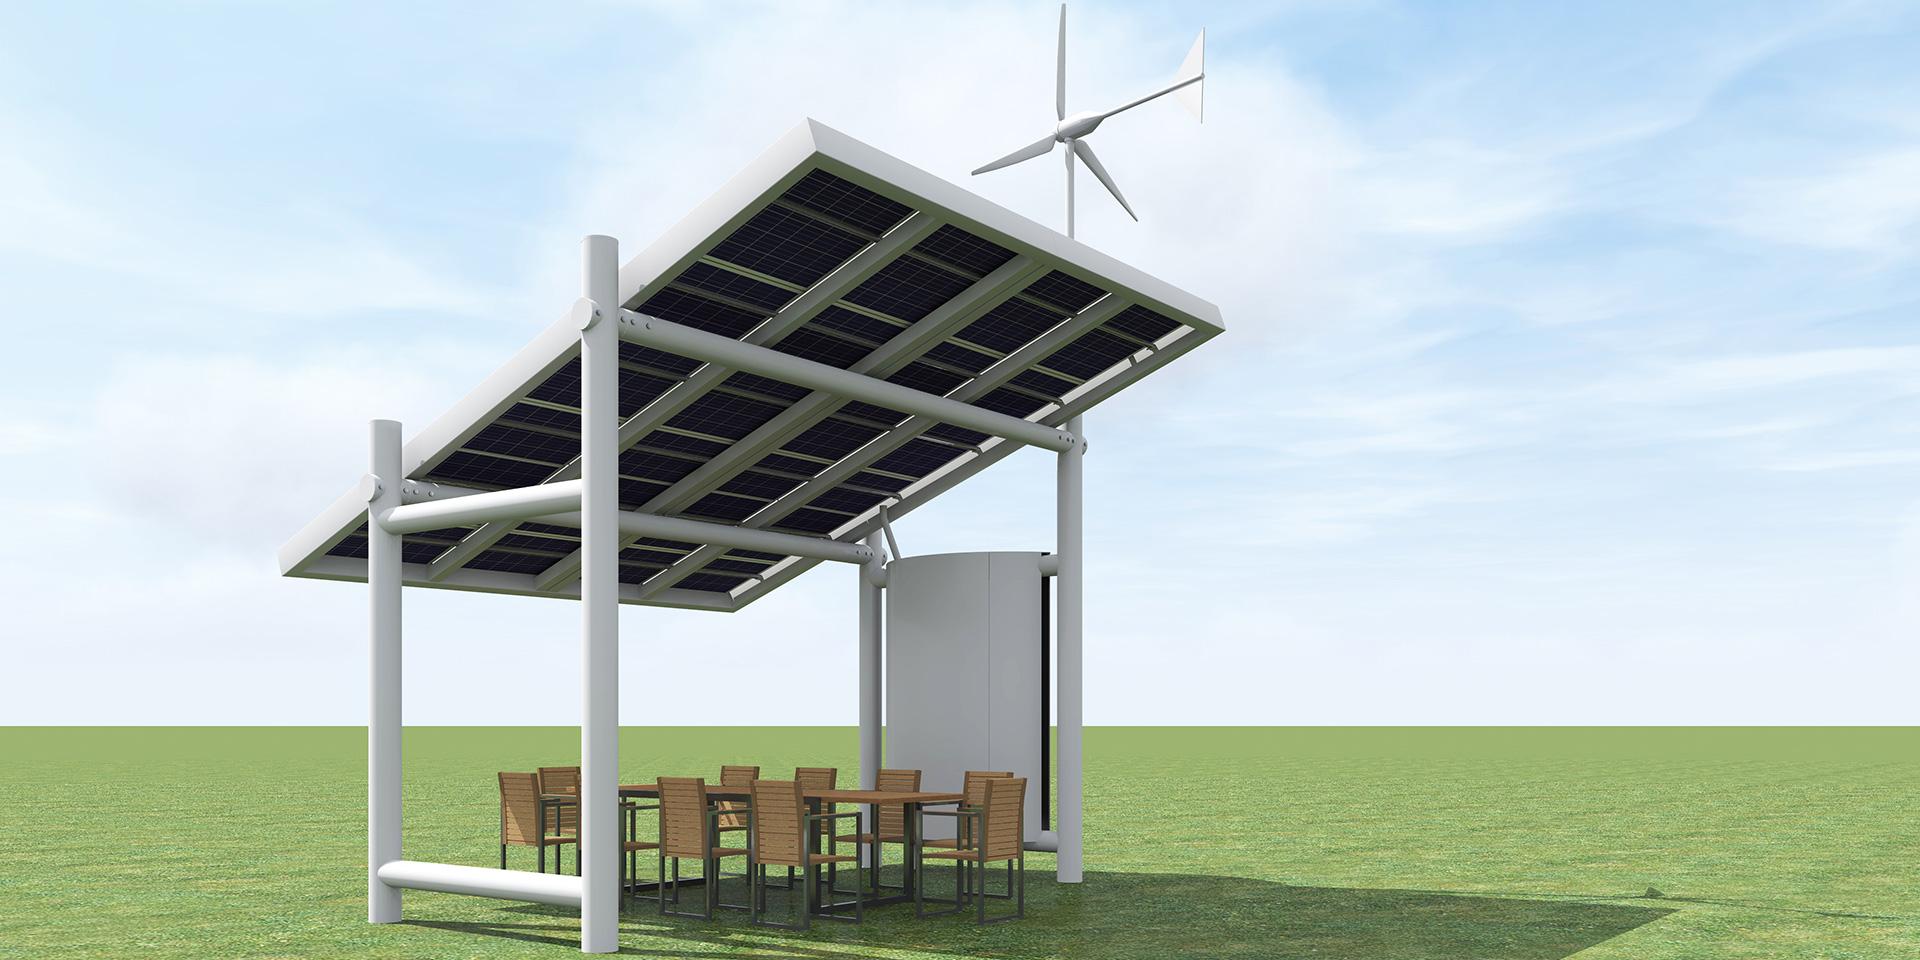 Progetto Une System, Binini Partners, Società di architettura e ingegneria